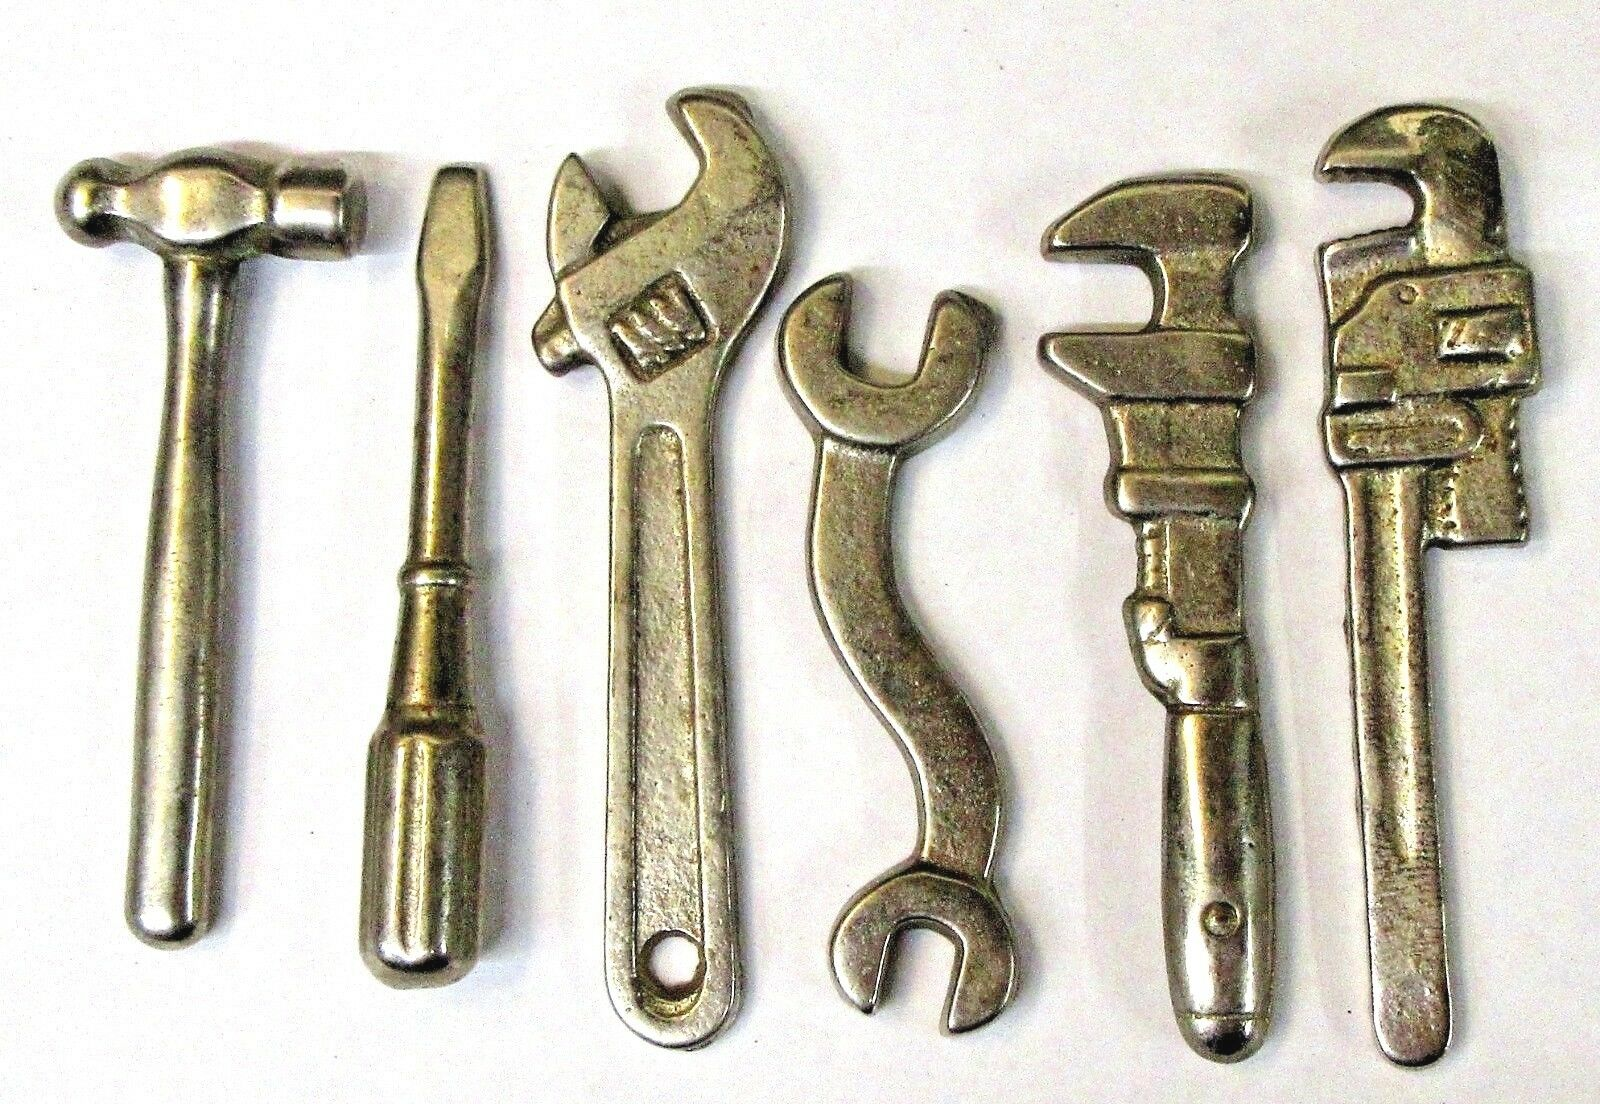 Conjunto de 6 herramientas de hierro fundido niquelado Arcade Menta década de 1920 Vintage